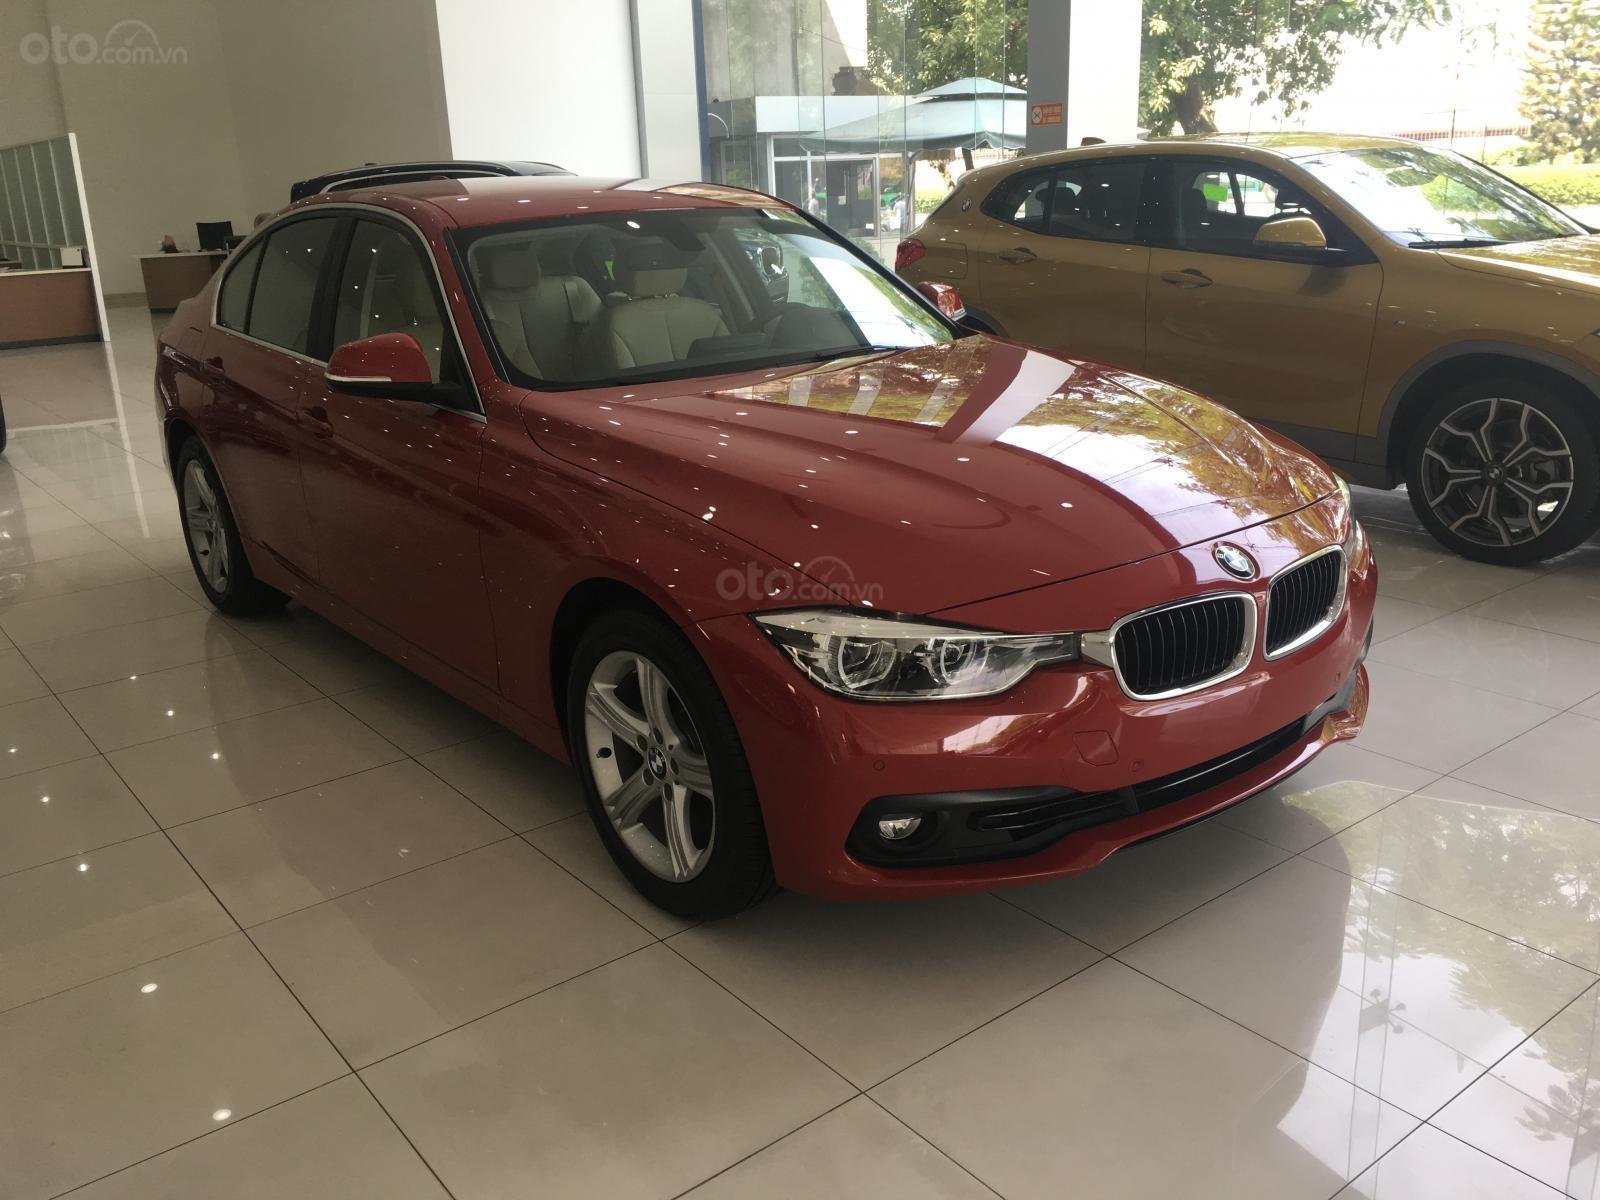 Ưu đãi 16% giá xe BMW 320i - xe có sẵn - giao xe ngay (7)